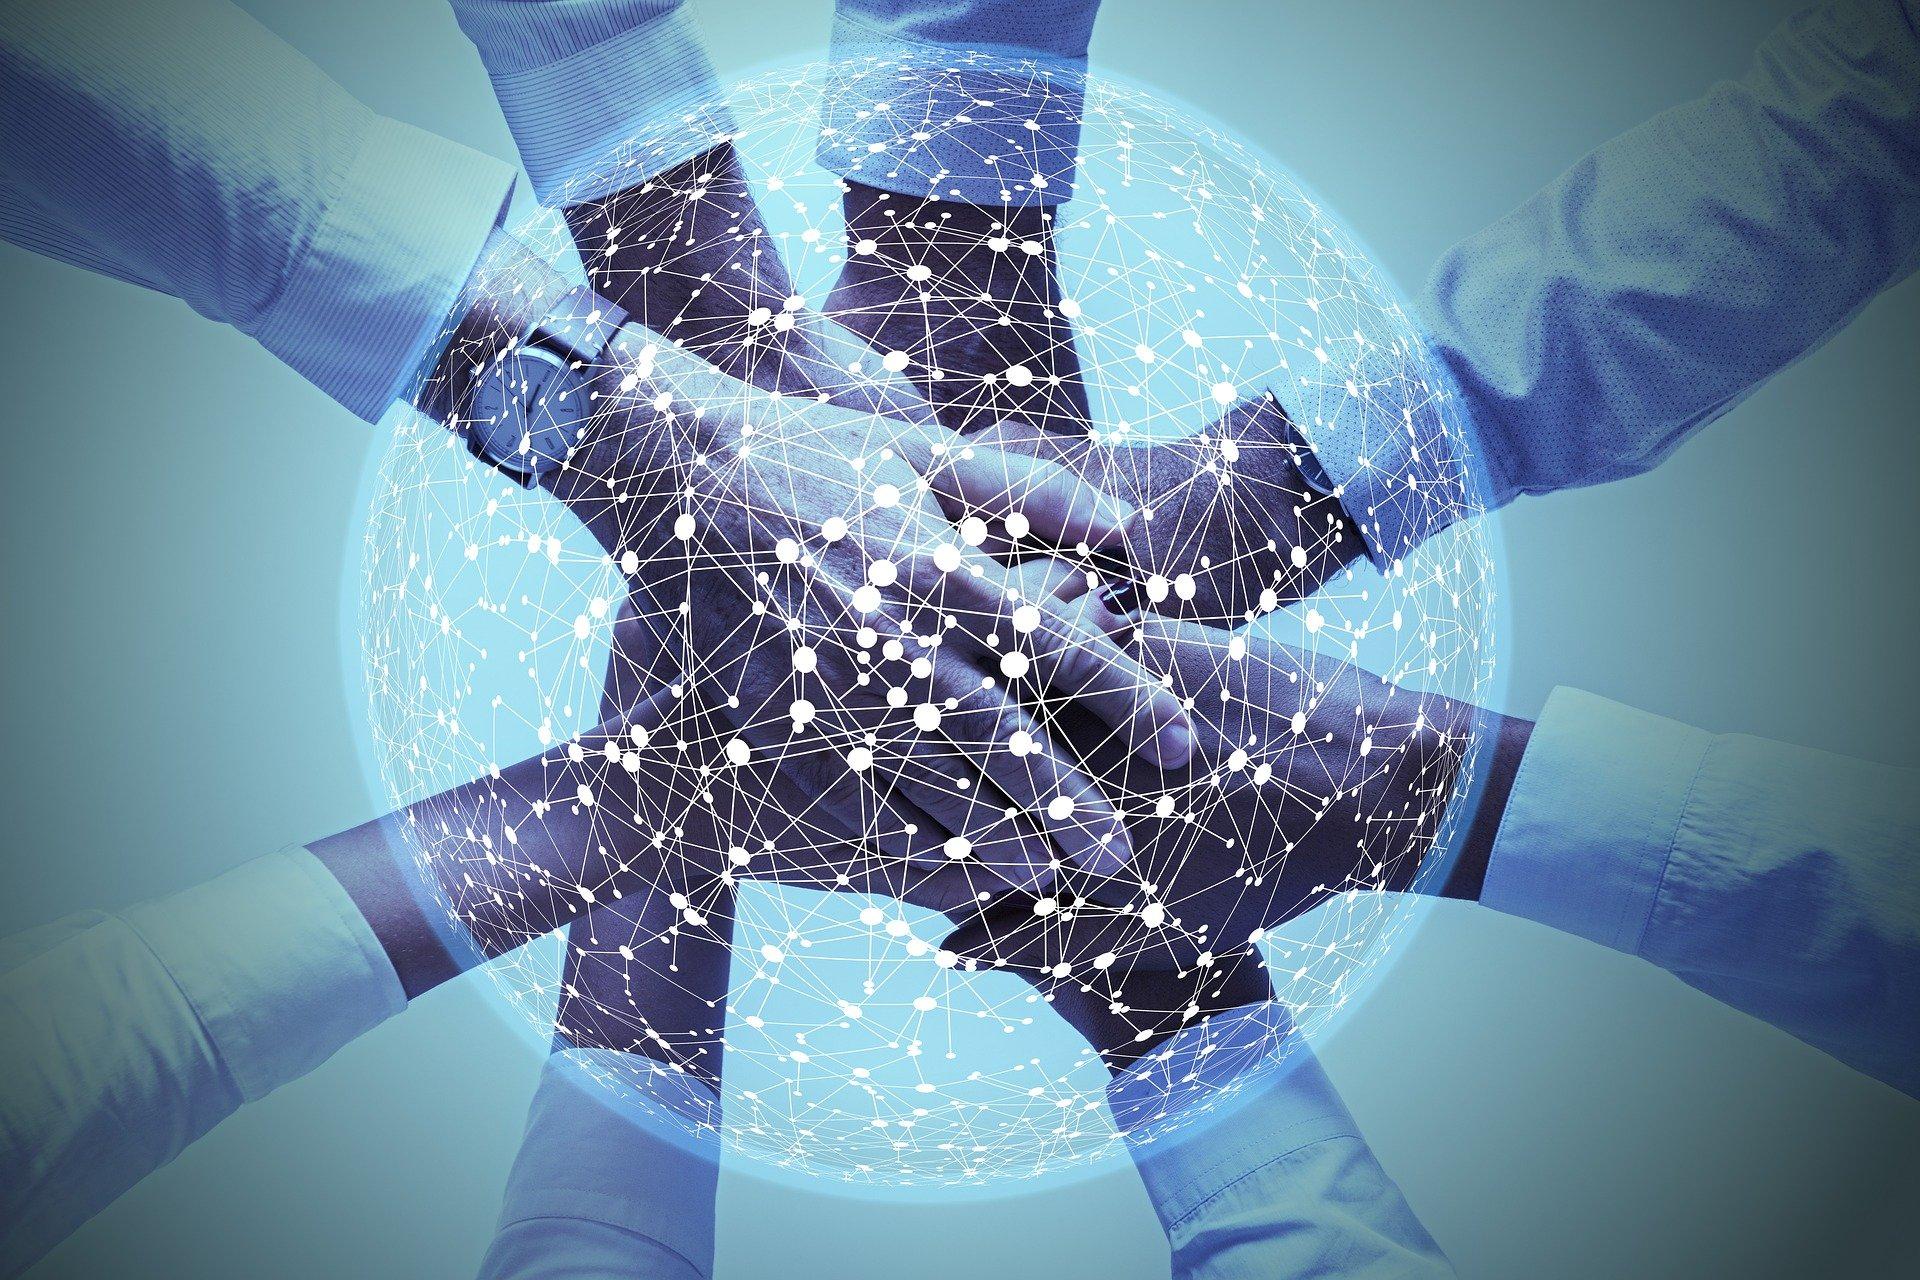 Grantly - Kako do pravega partnerja za uspešno pridobivanje nepovratnih sredstev